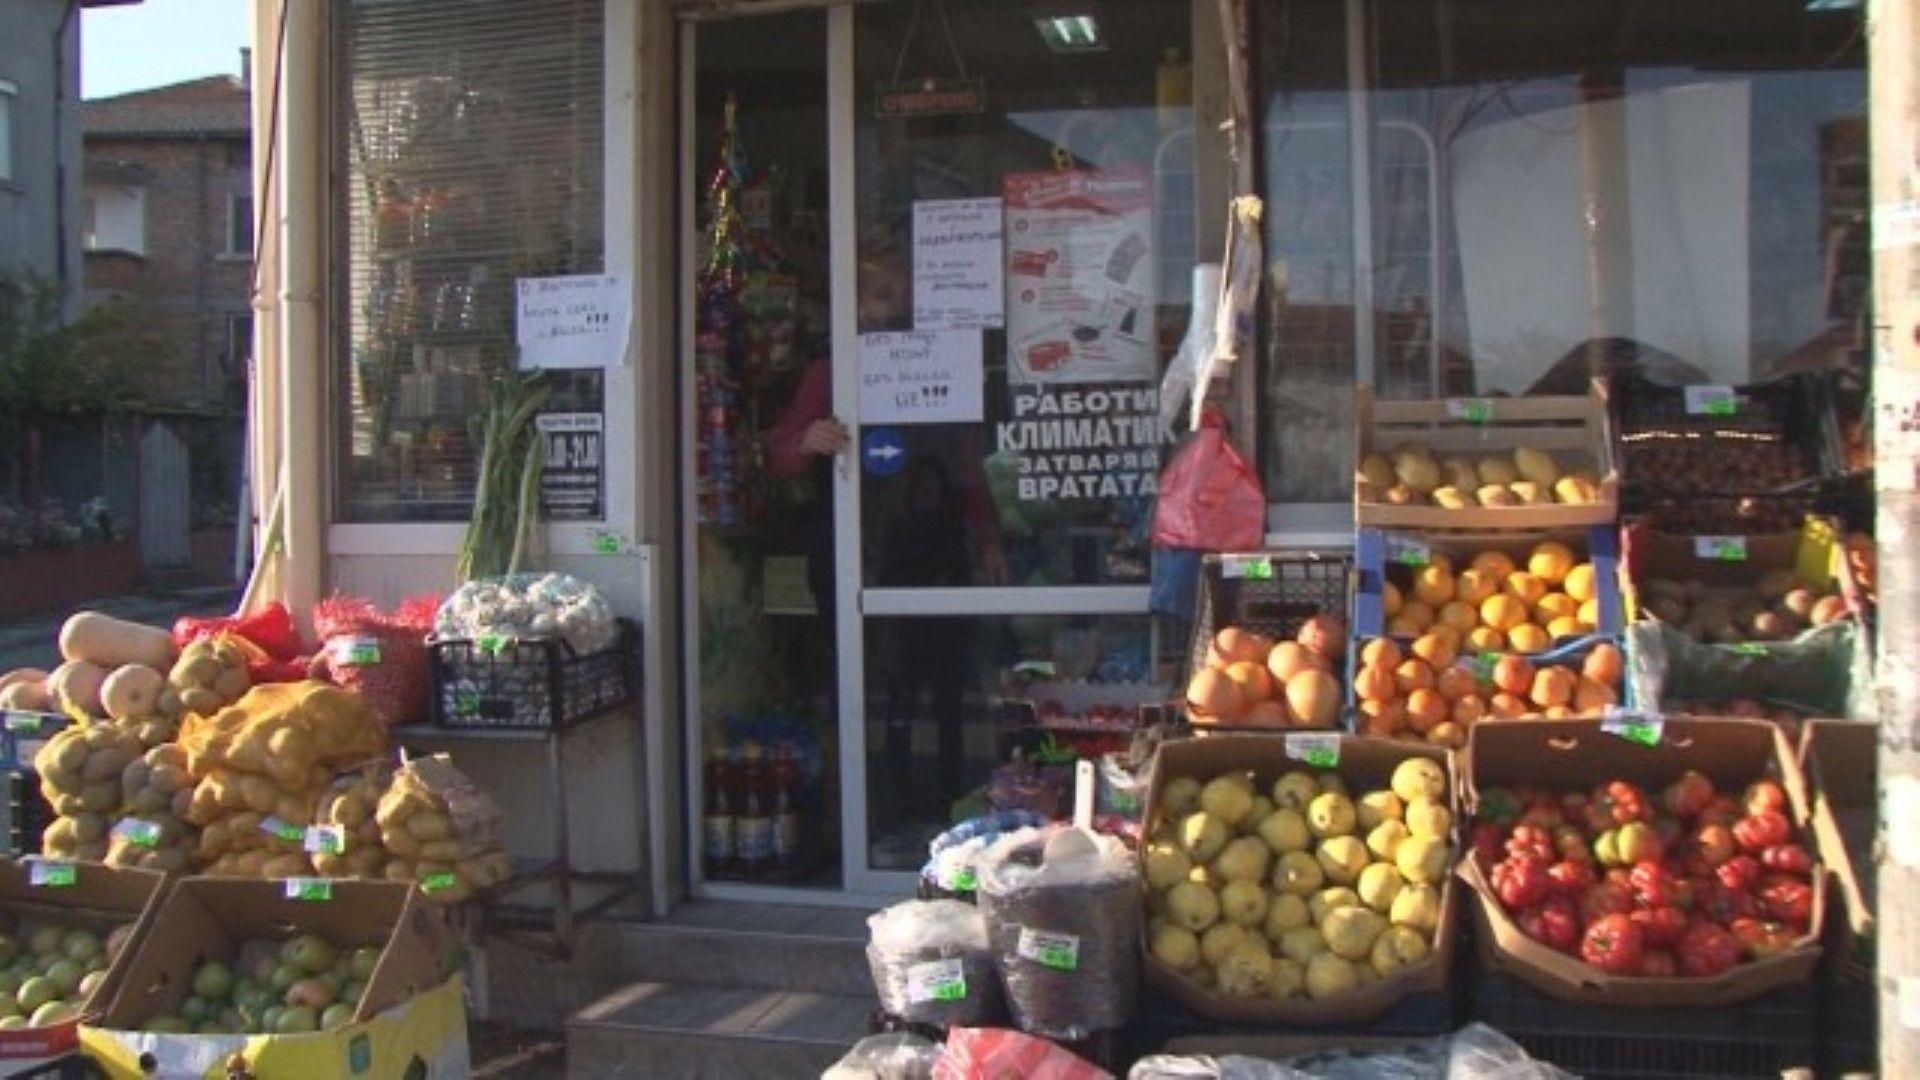 След преследване и бой: Граждански арест на крадец от продавачка в Бургас